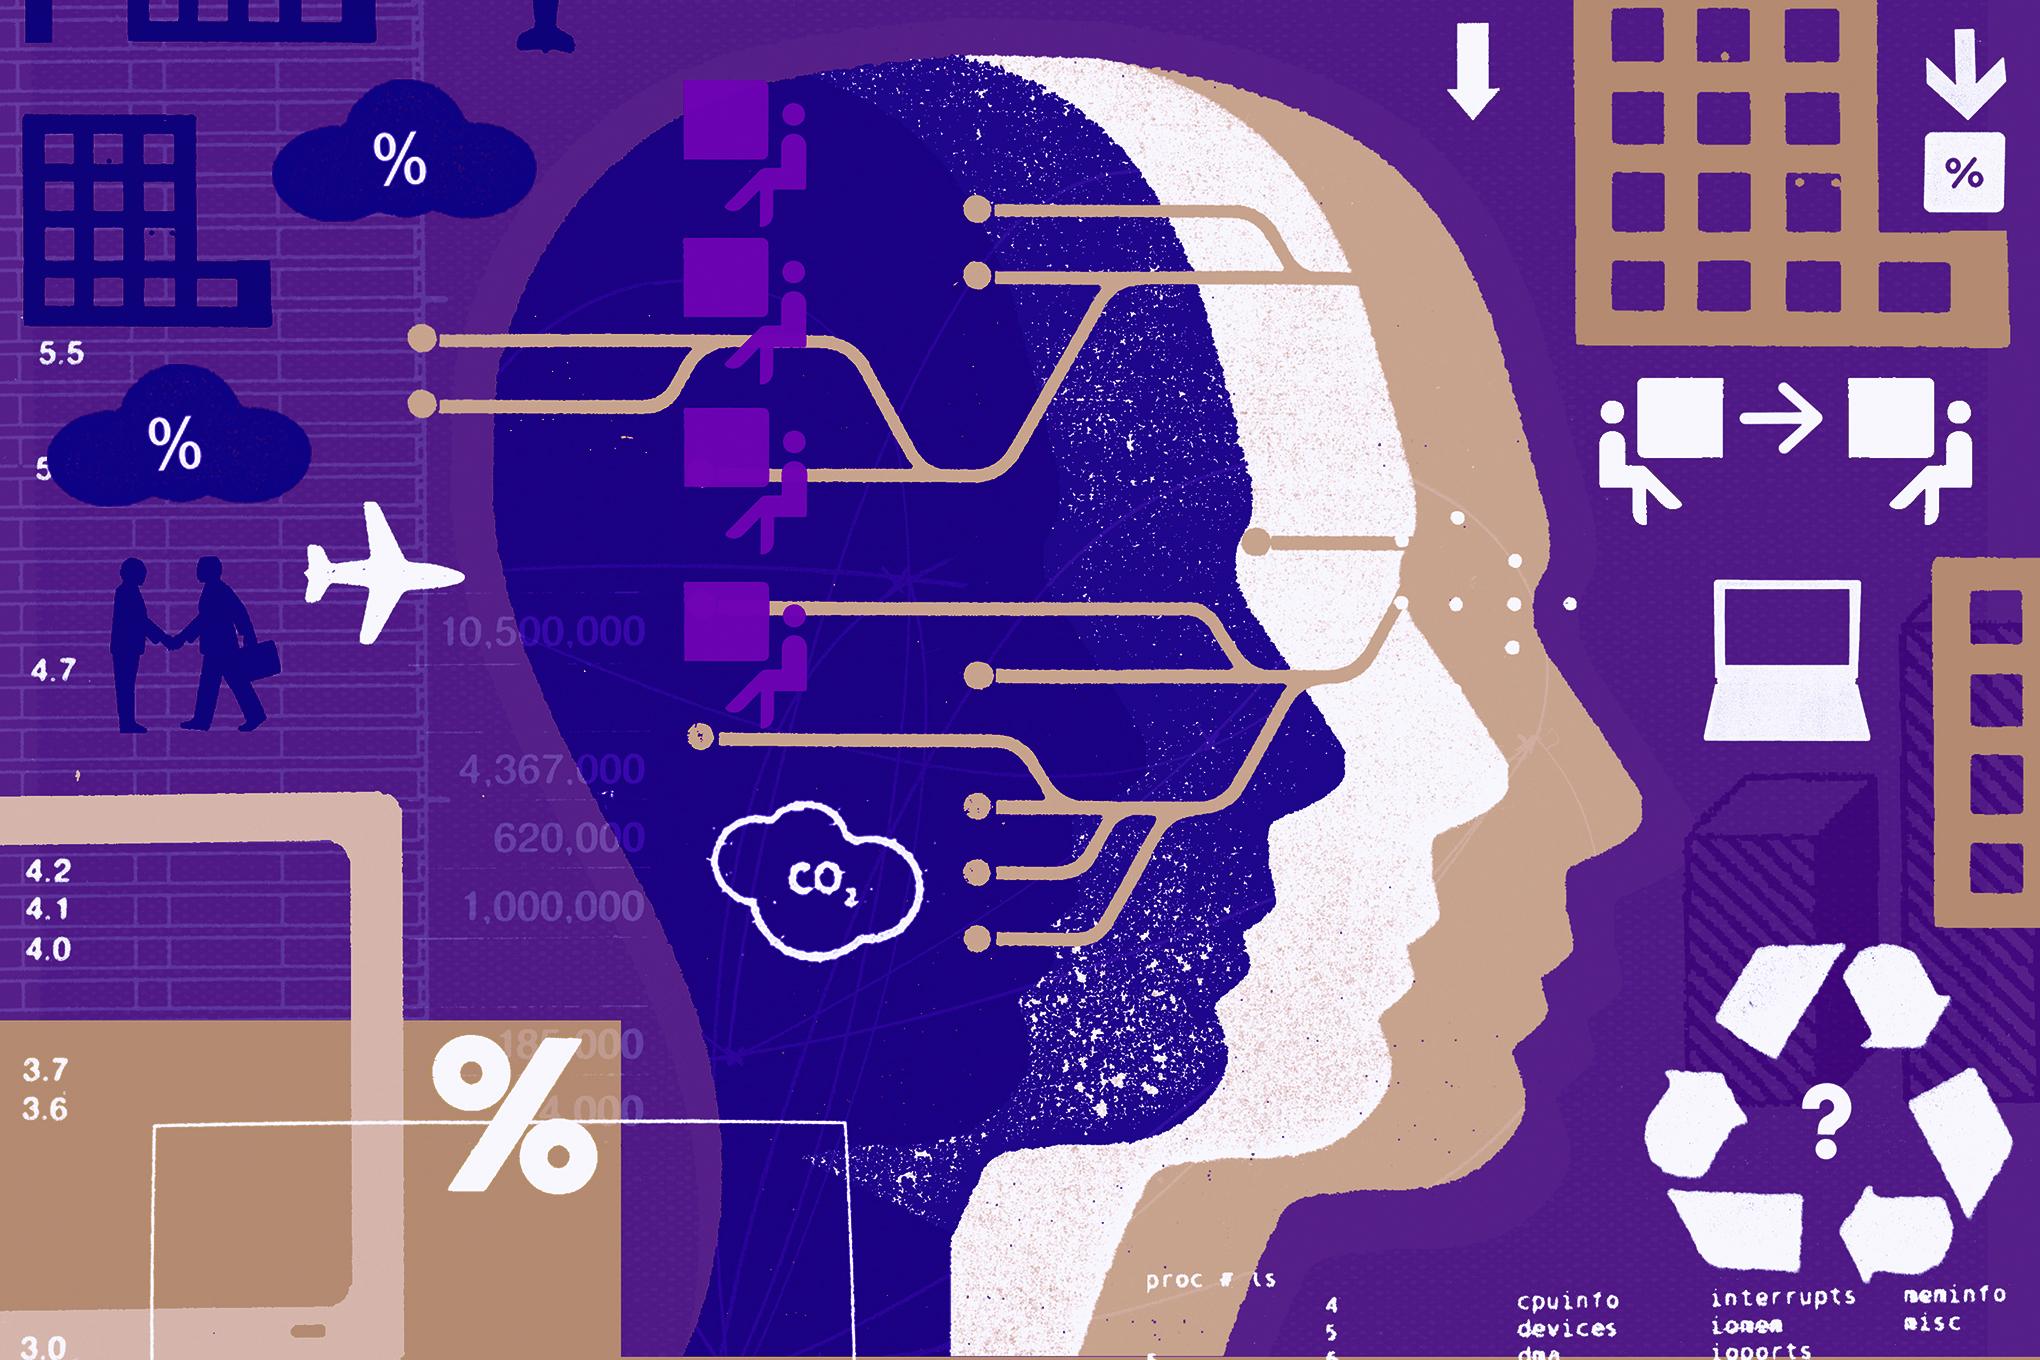 Создатель интернета Тим Бернерс-Ли: управлять компаниями скоро будет искусственный интеллект, люди будут ненужны - Новости айти в журнале Inc.Russia